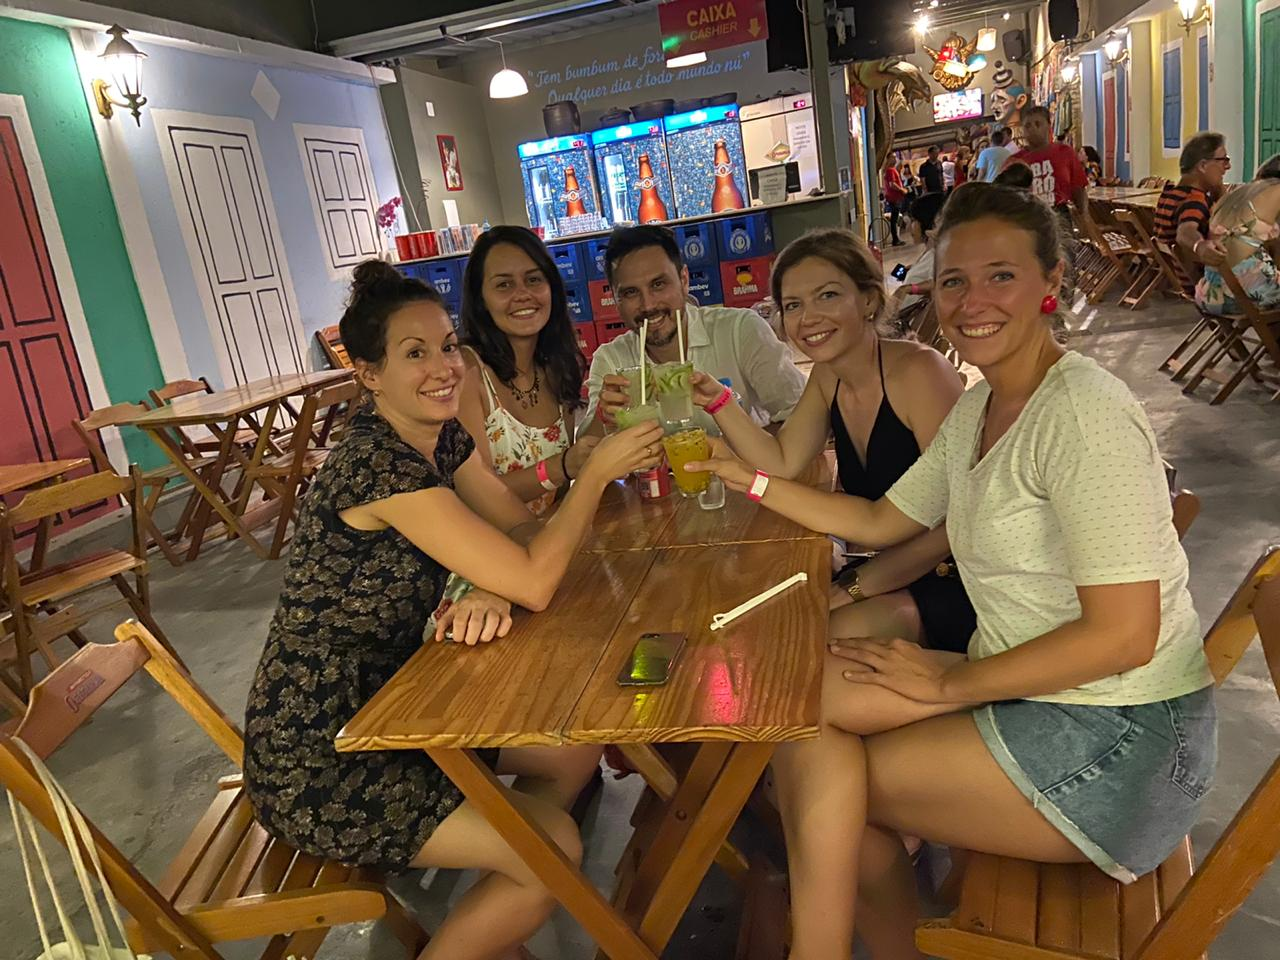 Alunos sentados na mesa bebendo caipirinhas no bar